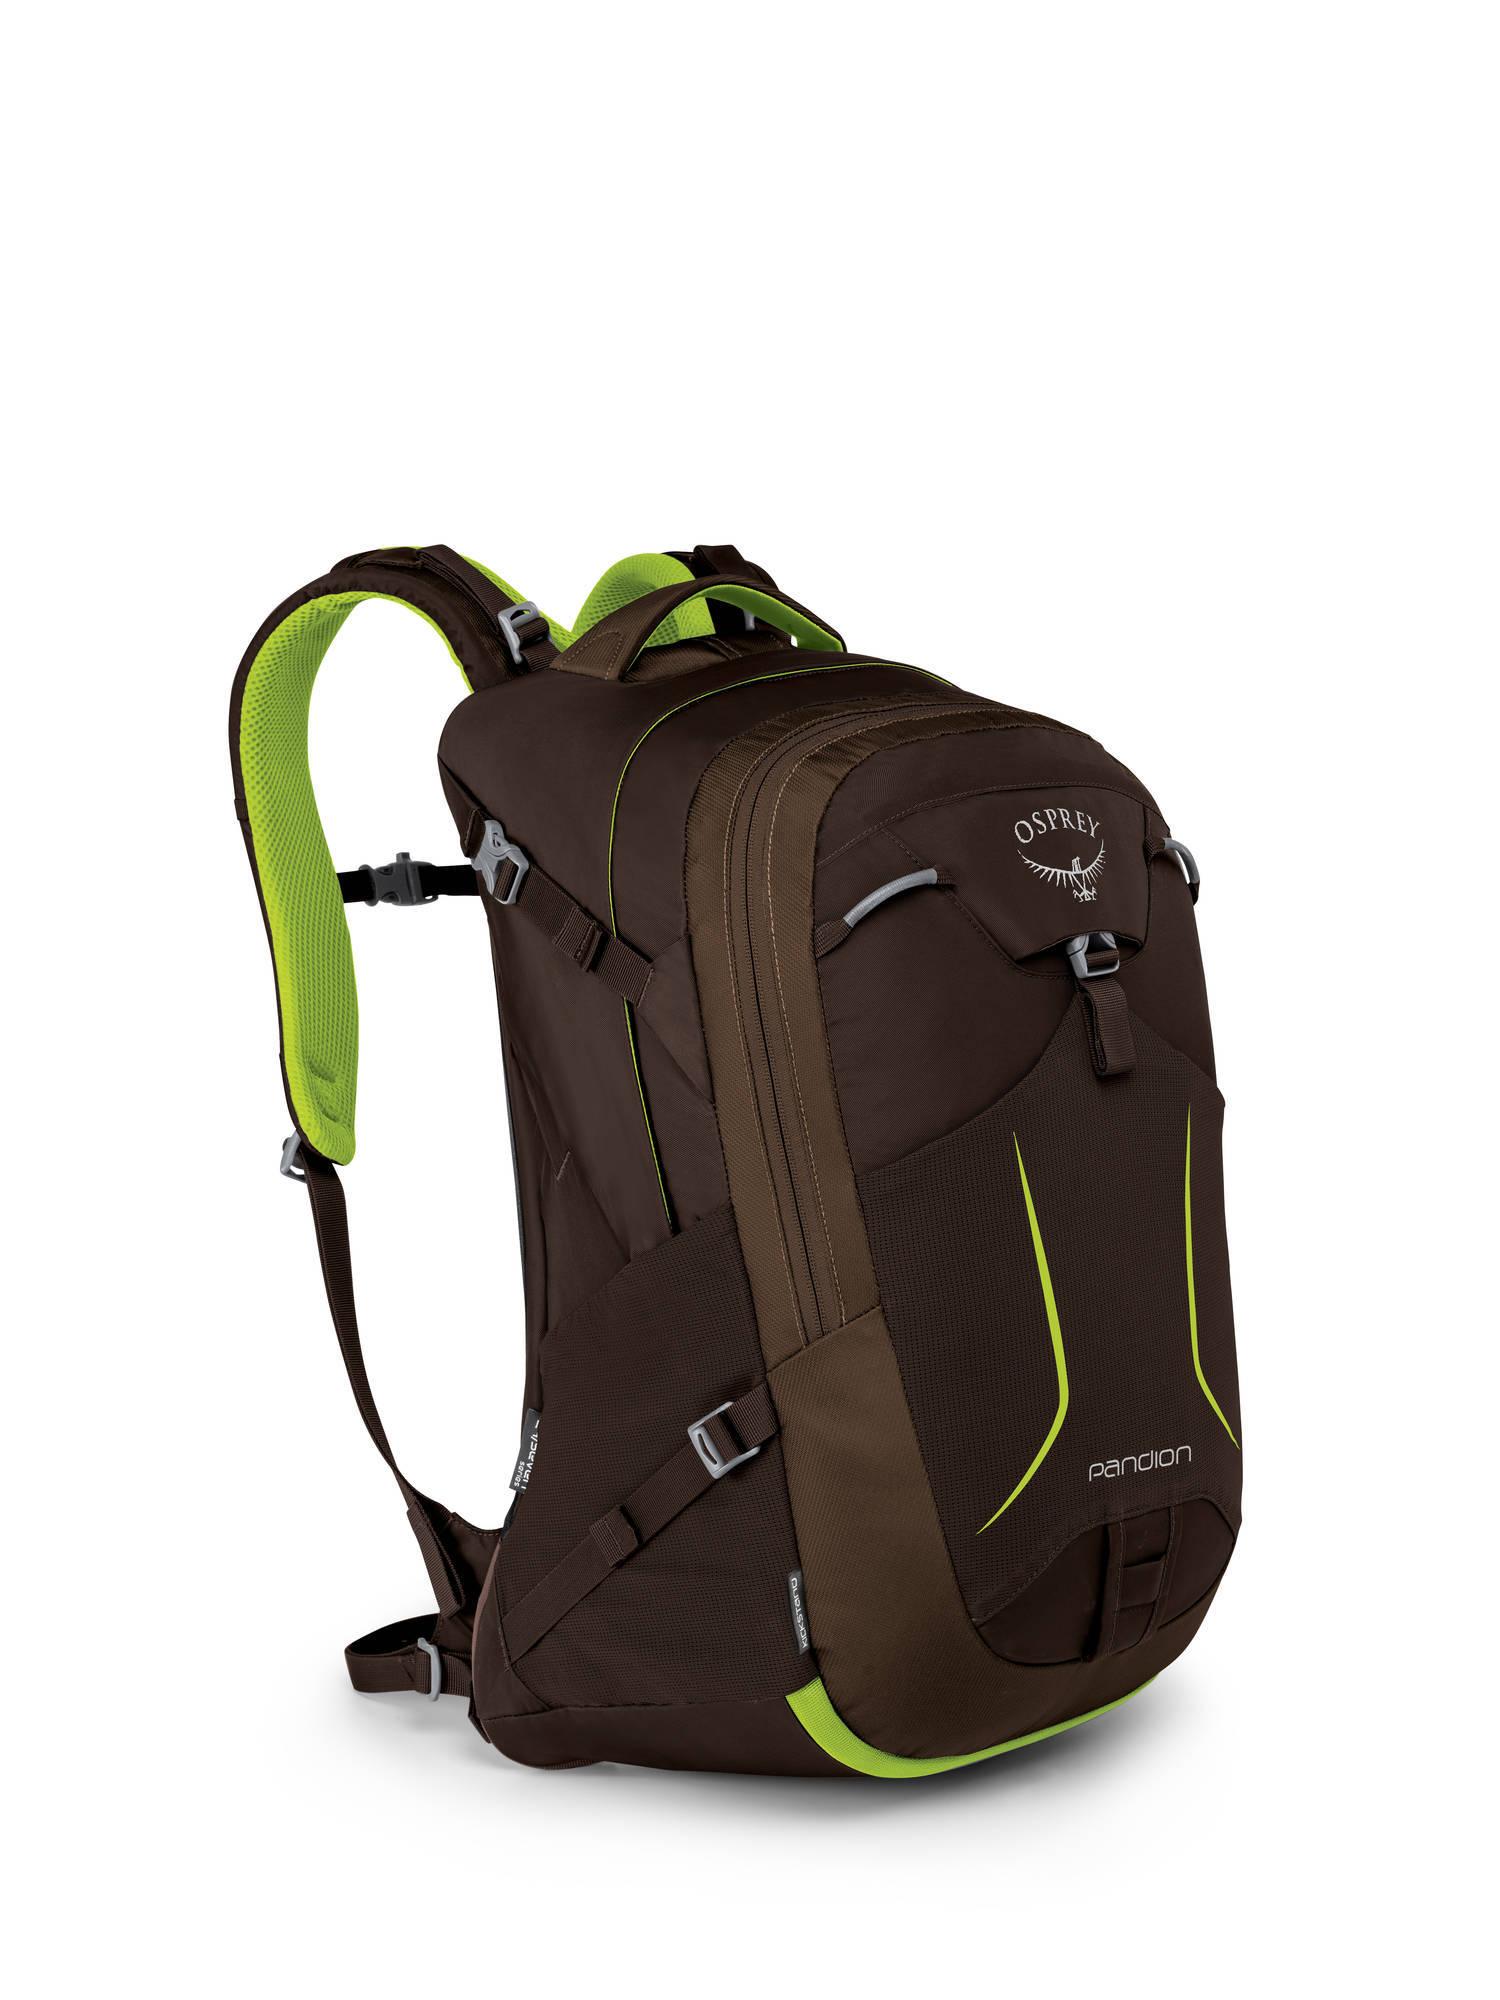 Городские рюкзаки Рюкзак городской Osprey Pandion 28 Komodo Green Pandion_F17_Side_Komodo_Green_web.jpg